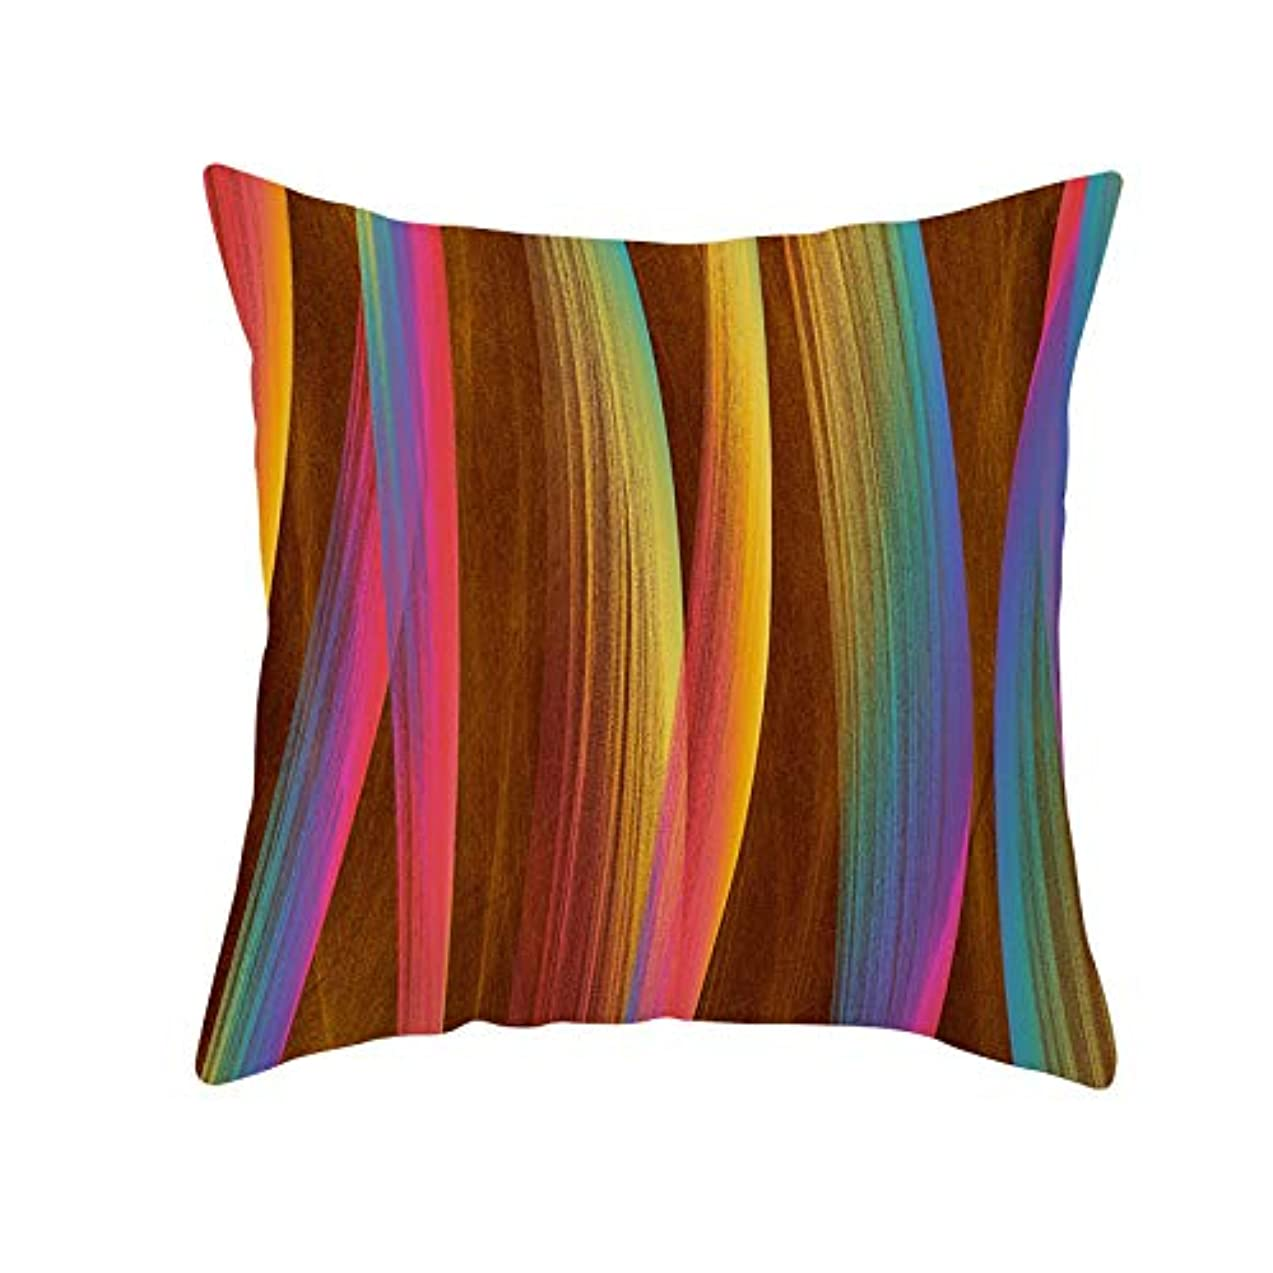 気楽なブレイズ爪LIFE 装飾クッションソファ 幾何学プリントポリエステル正方形の枕ソファスロークッション家の装飾 coussin デ長椅子 クッション 椅子